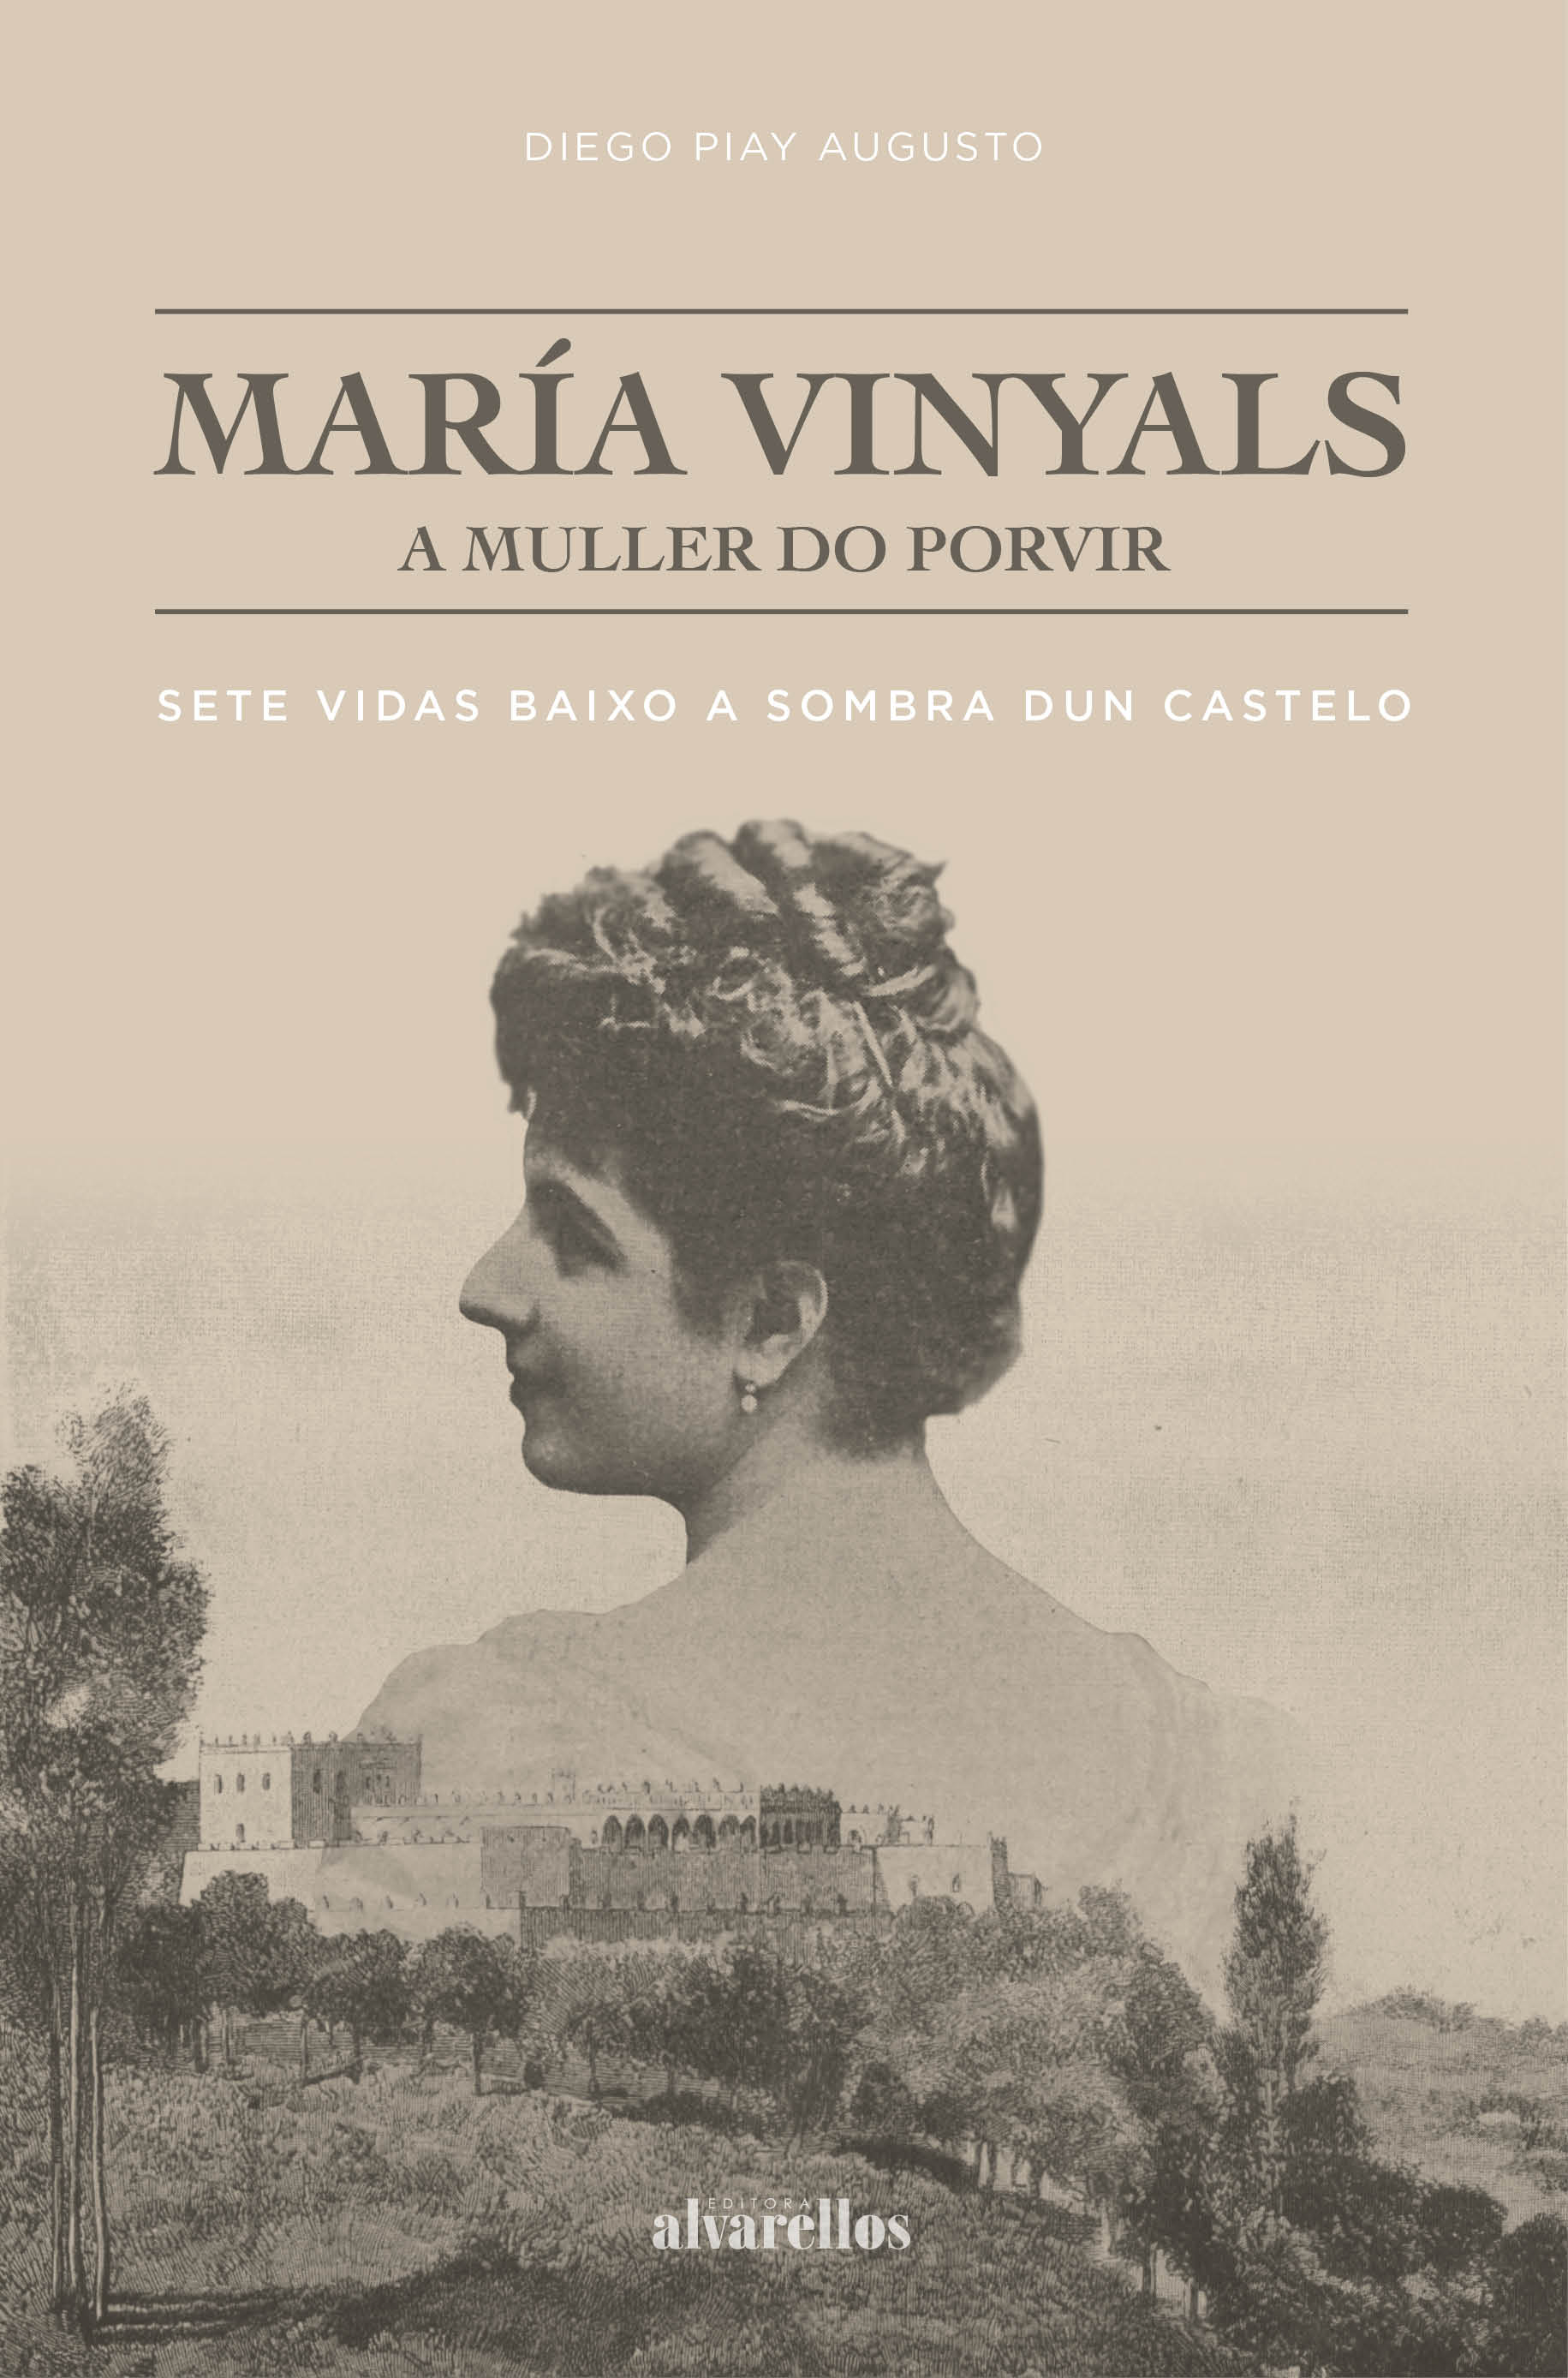 MARÍA VINYALS, A MULLER DO PORVIR   «Sete vidas baixo a sombra dun castelo»